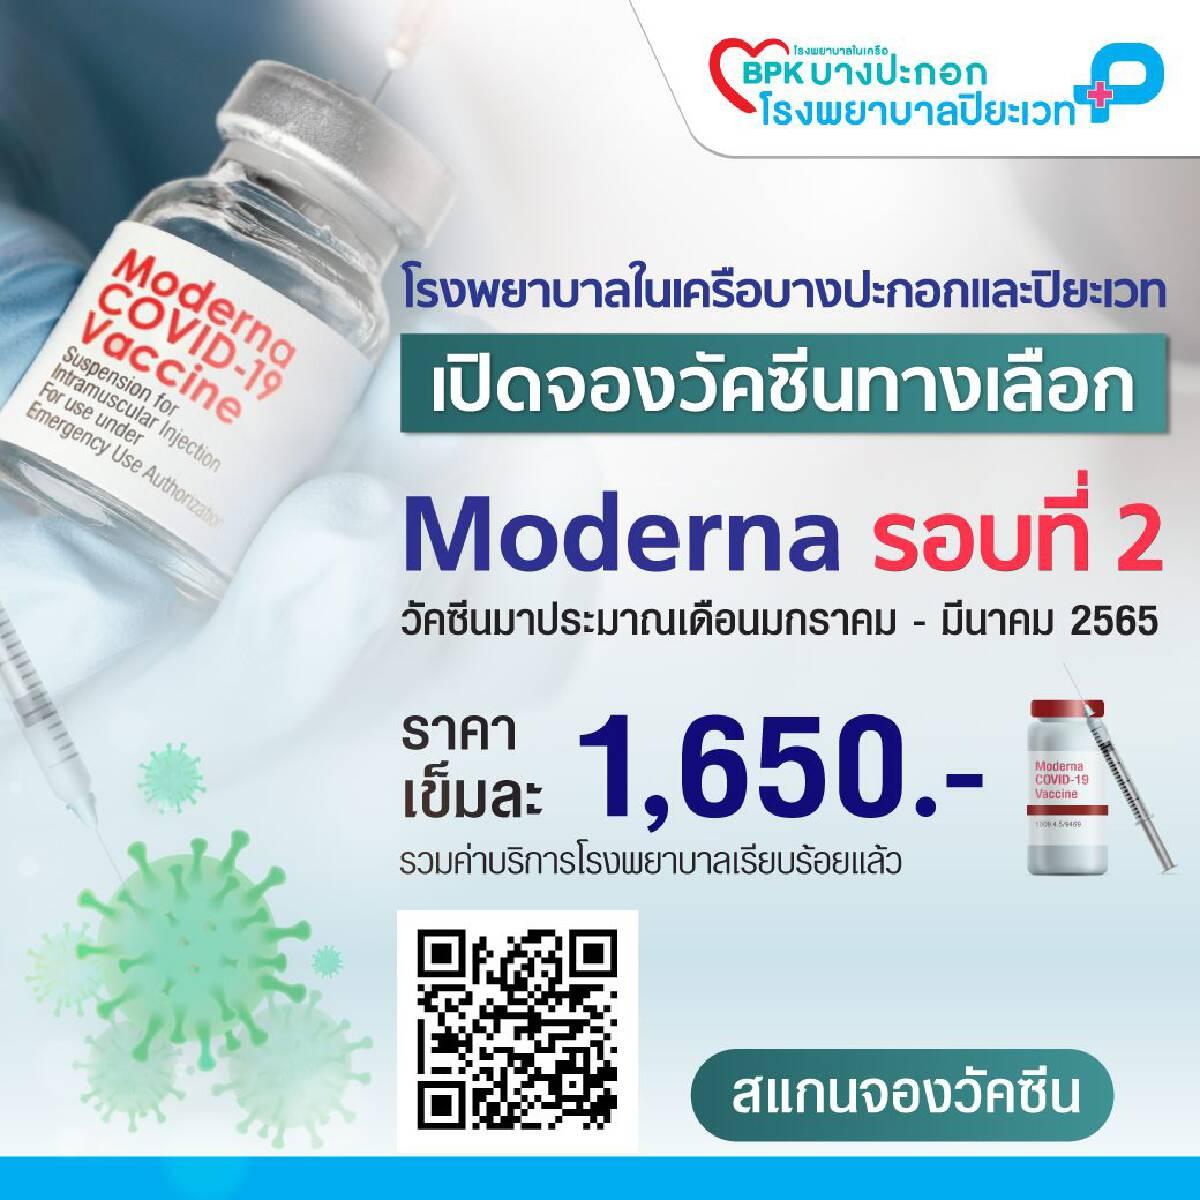 Bangpakok Hospital Group opens registration for Moderna jabs